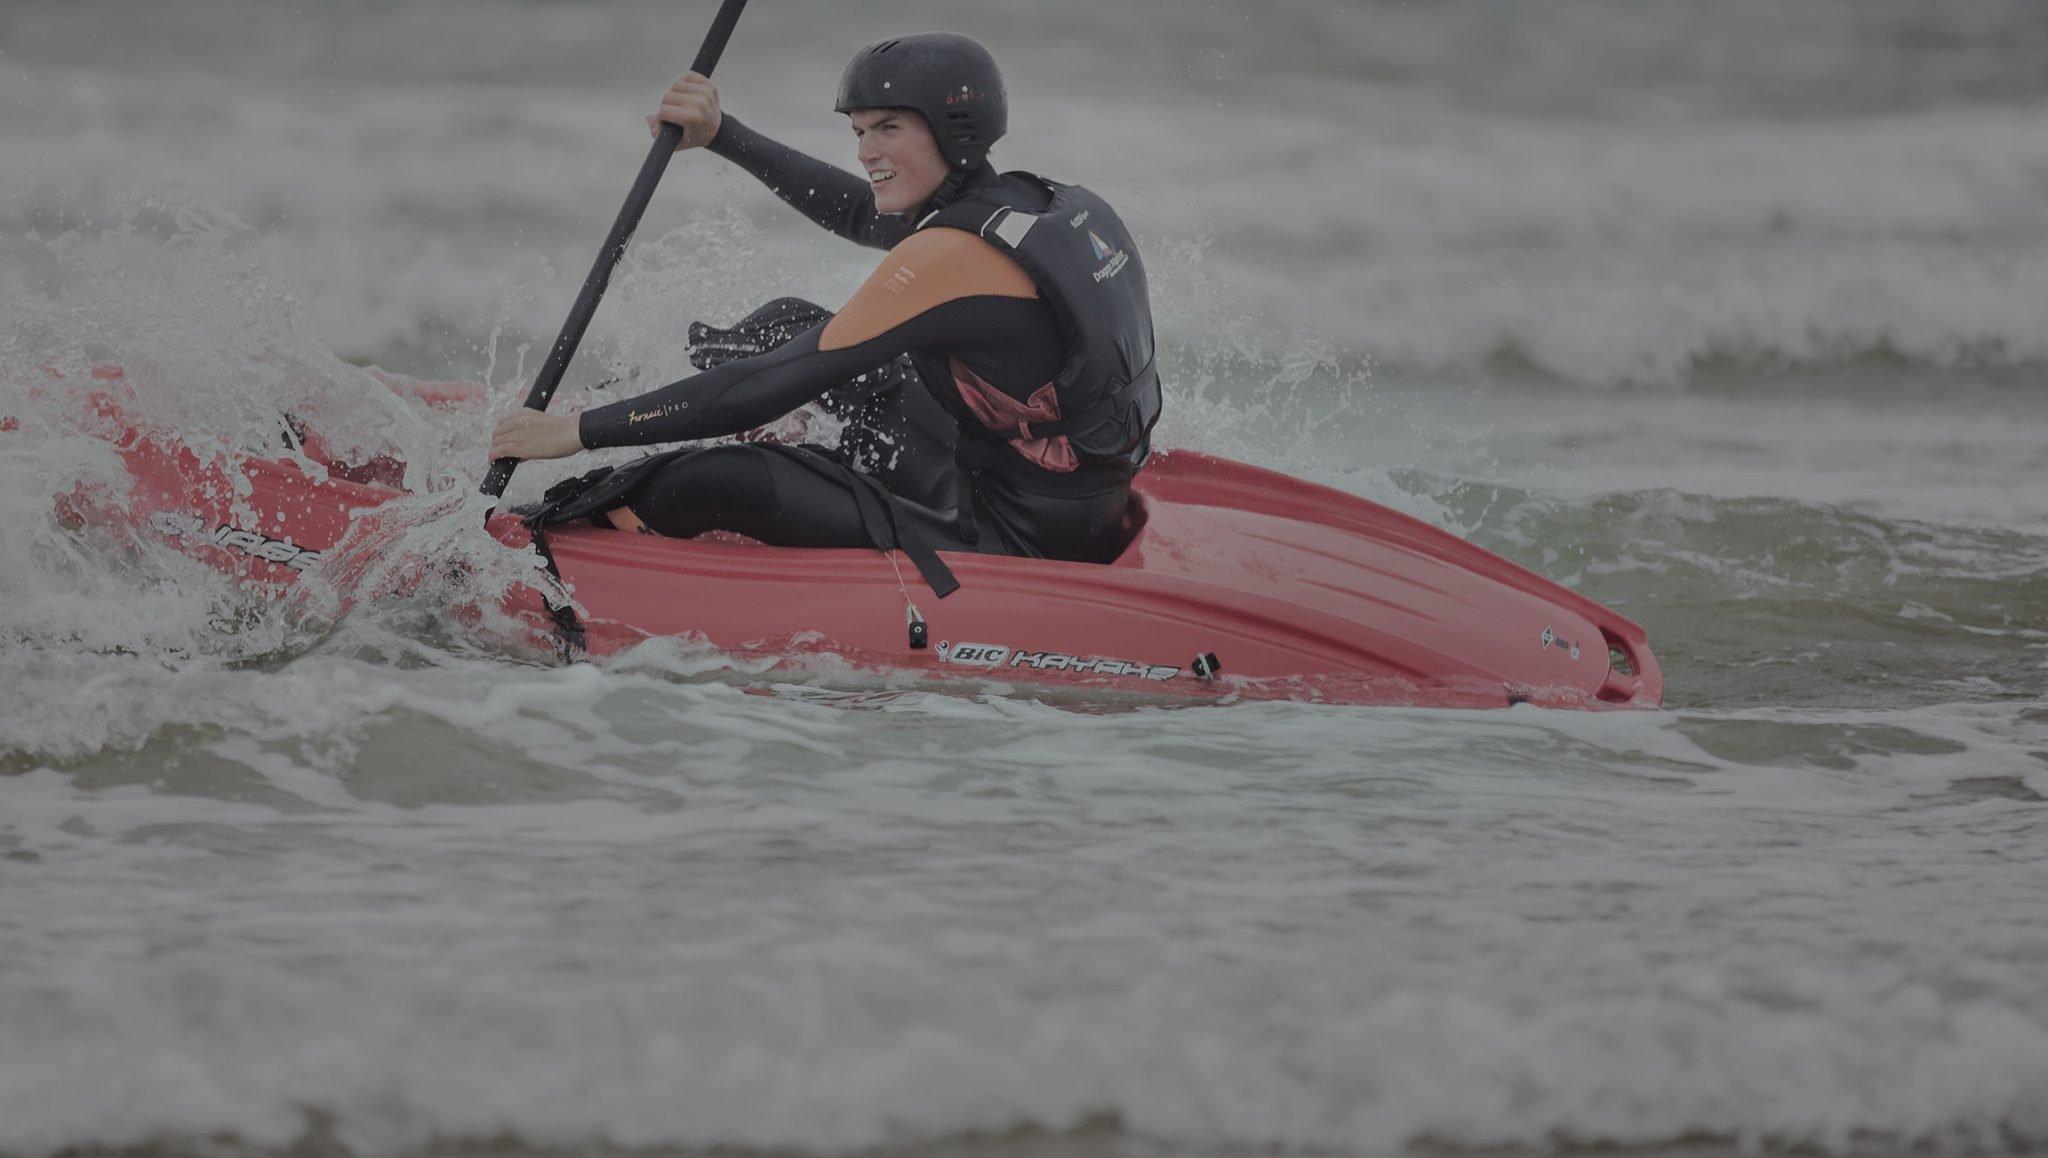 Bootje varen, in een kano zitten ofwel branding kajakken op de noordzee tussen de golven met een Vrijgezellenfeest, bedrijfsuitje, familie-uitje of teamuitje doe je tussen Scheveningen en Hoek van Holland, in de regio Zuid-Holland op het strand van 's-Gravenzande bij WATO-Events